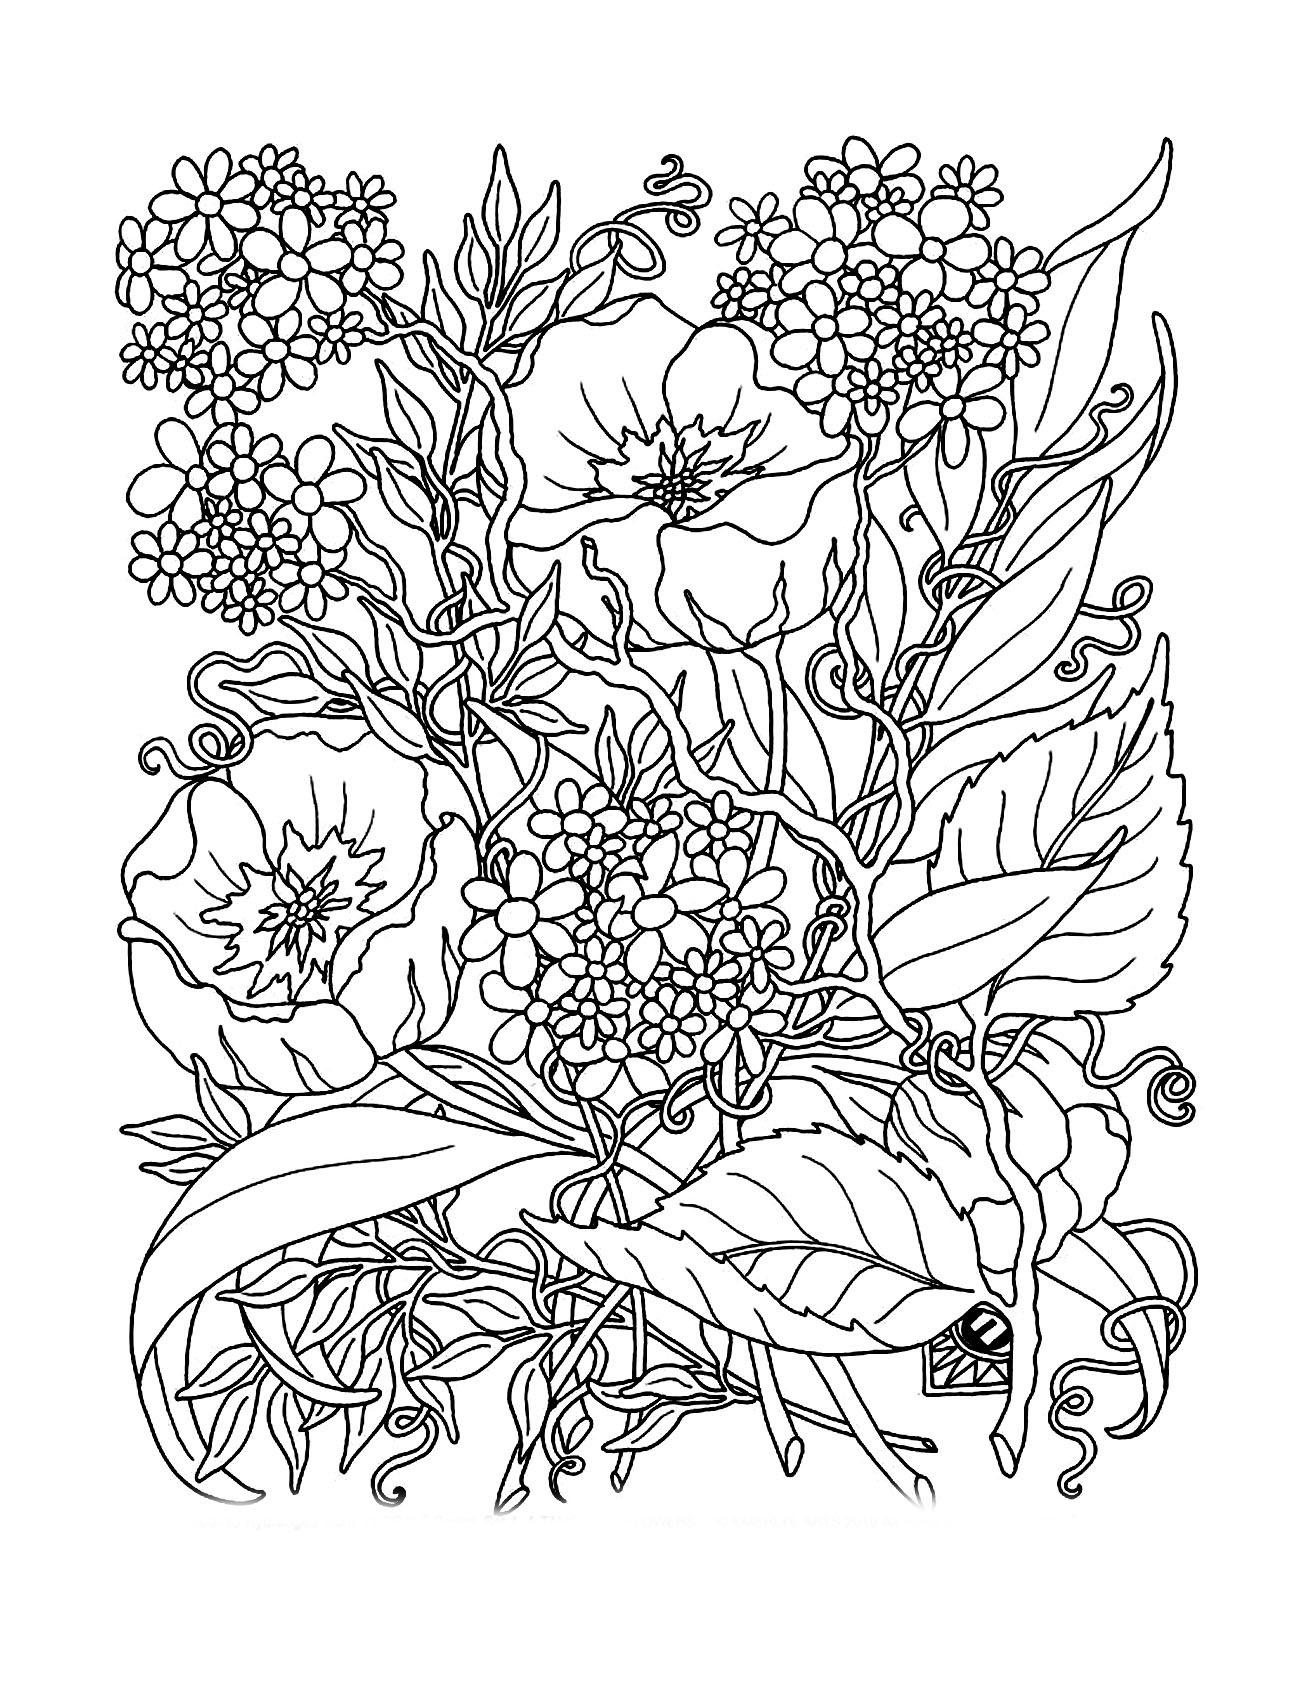 Tranh tô màu các loài hoa đẹp nhất